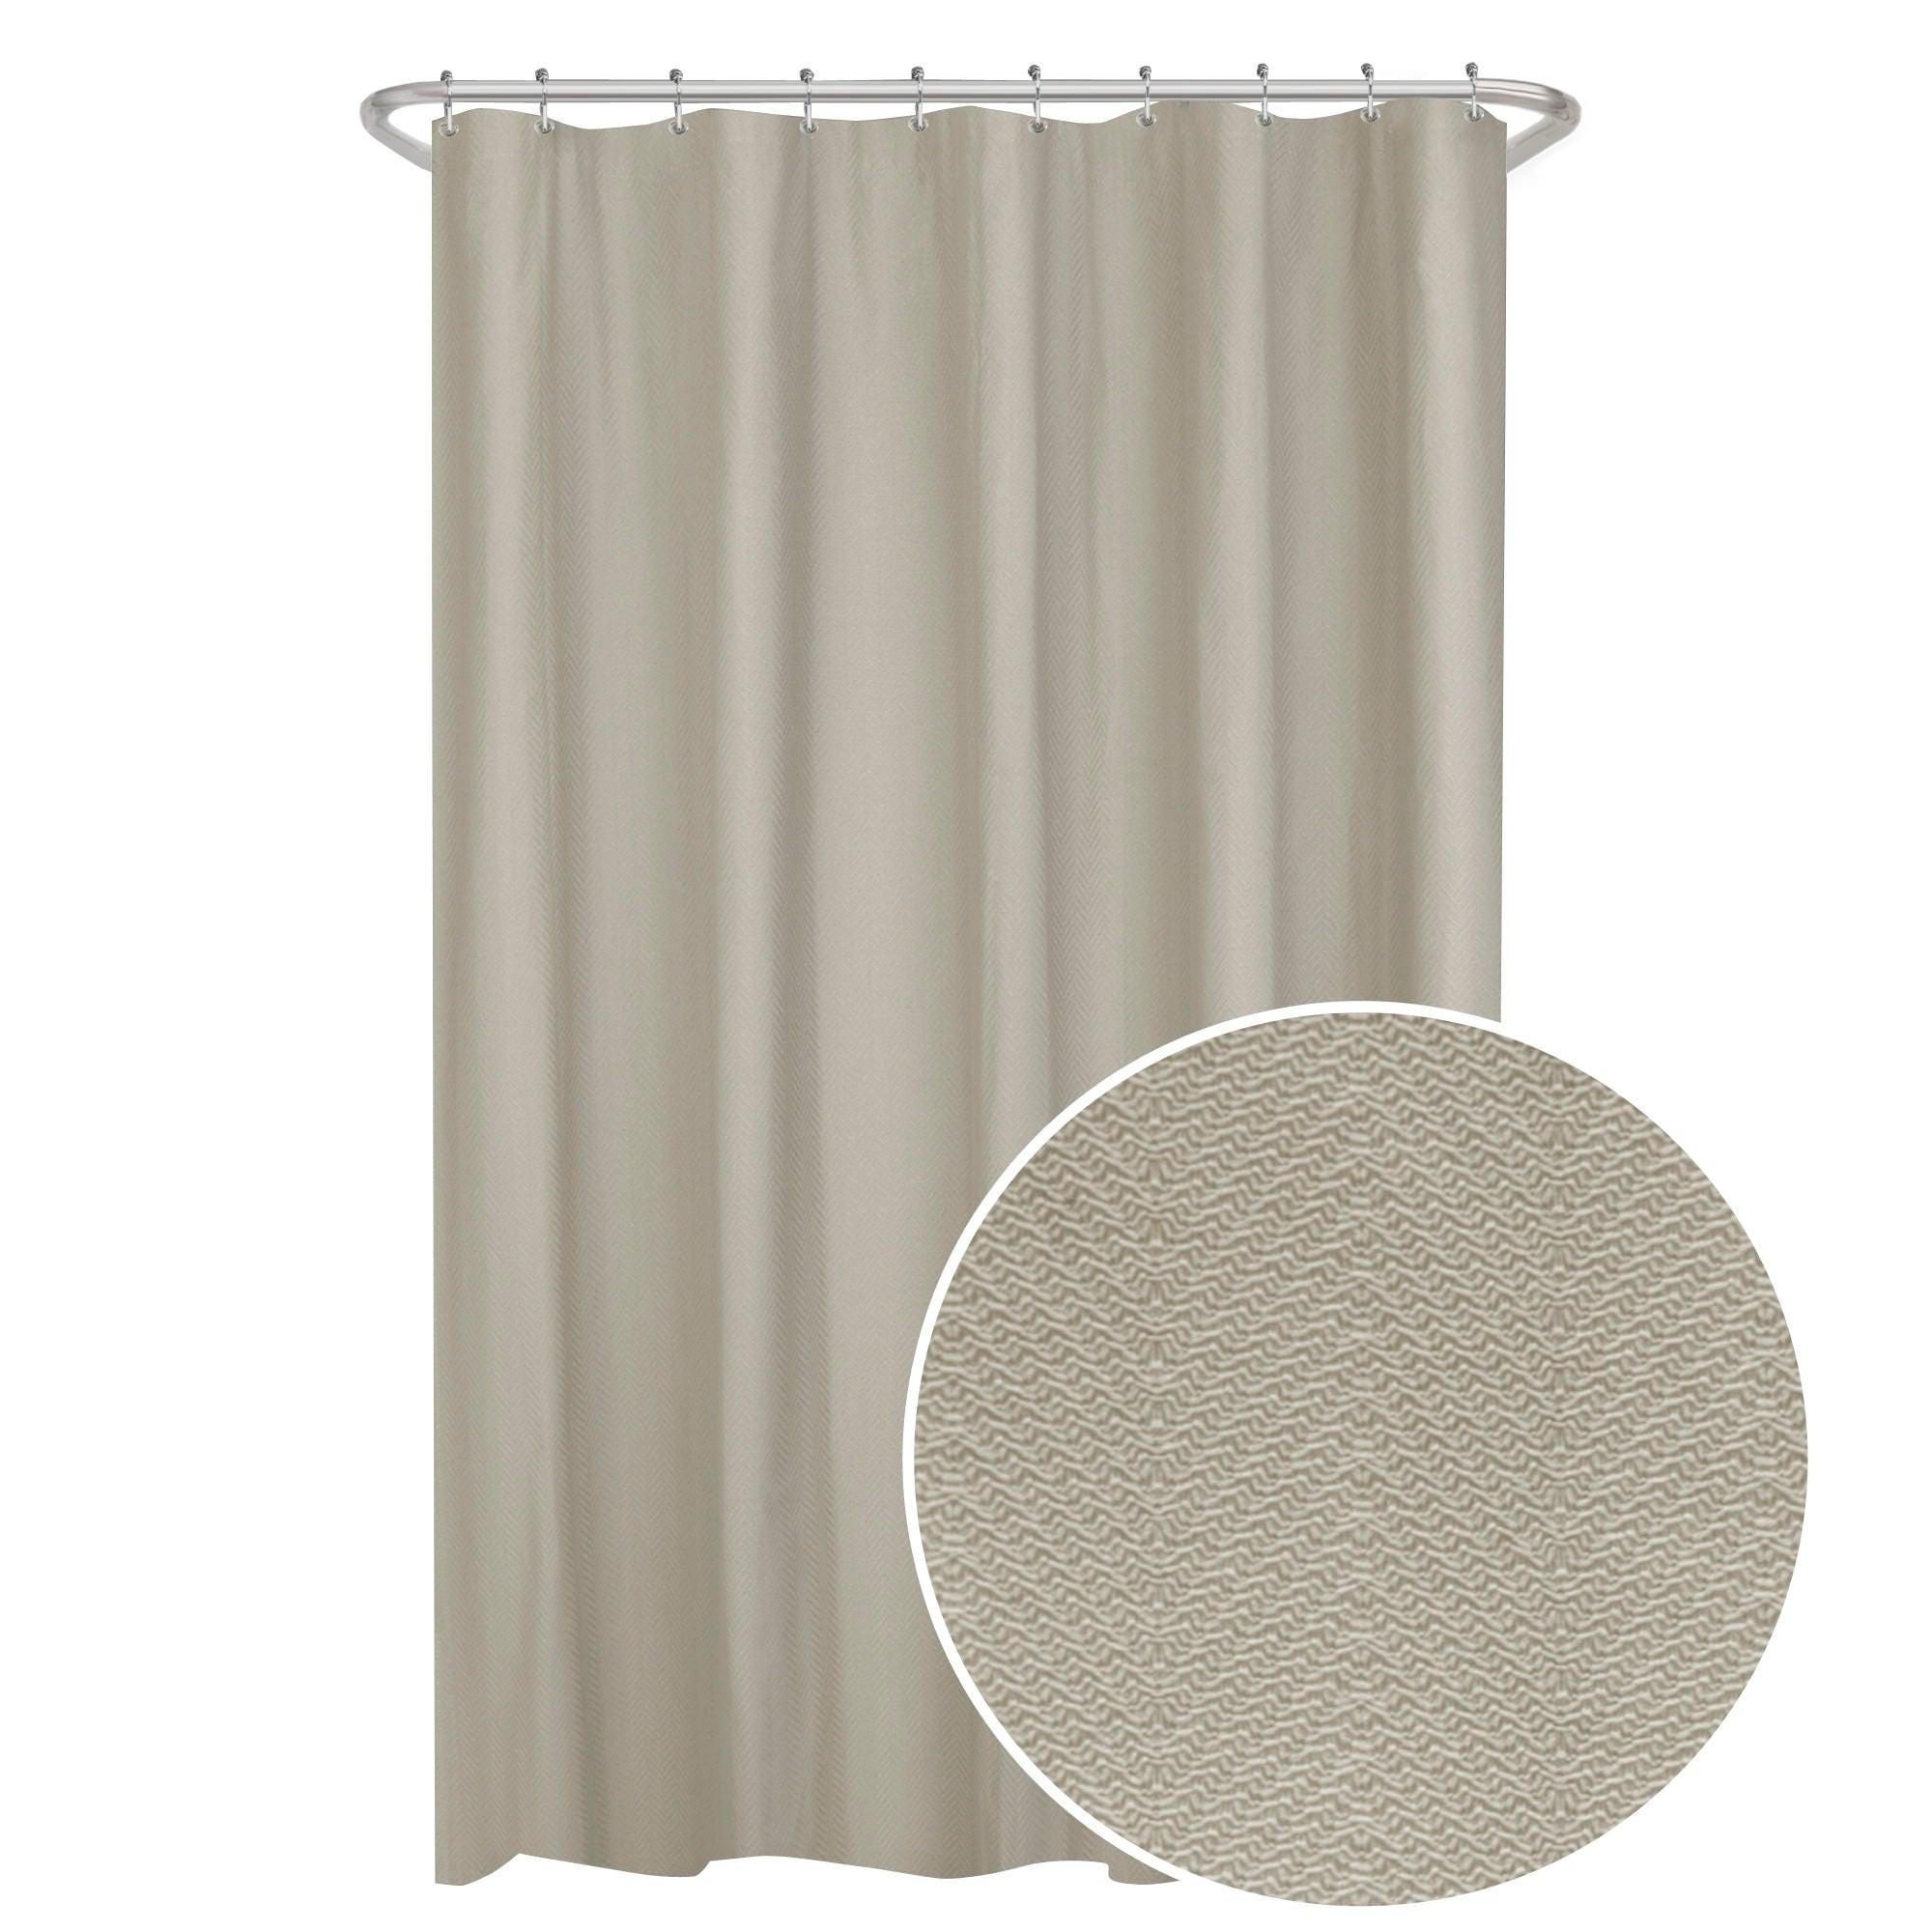 Maytex Herringbone Ultimate Waterproof Fabric Shower Curtain Or Liner